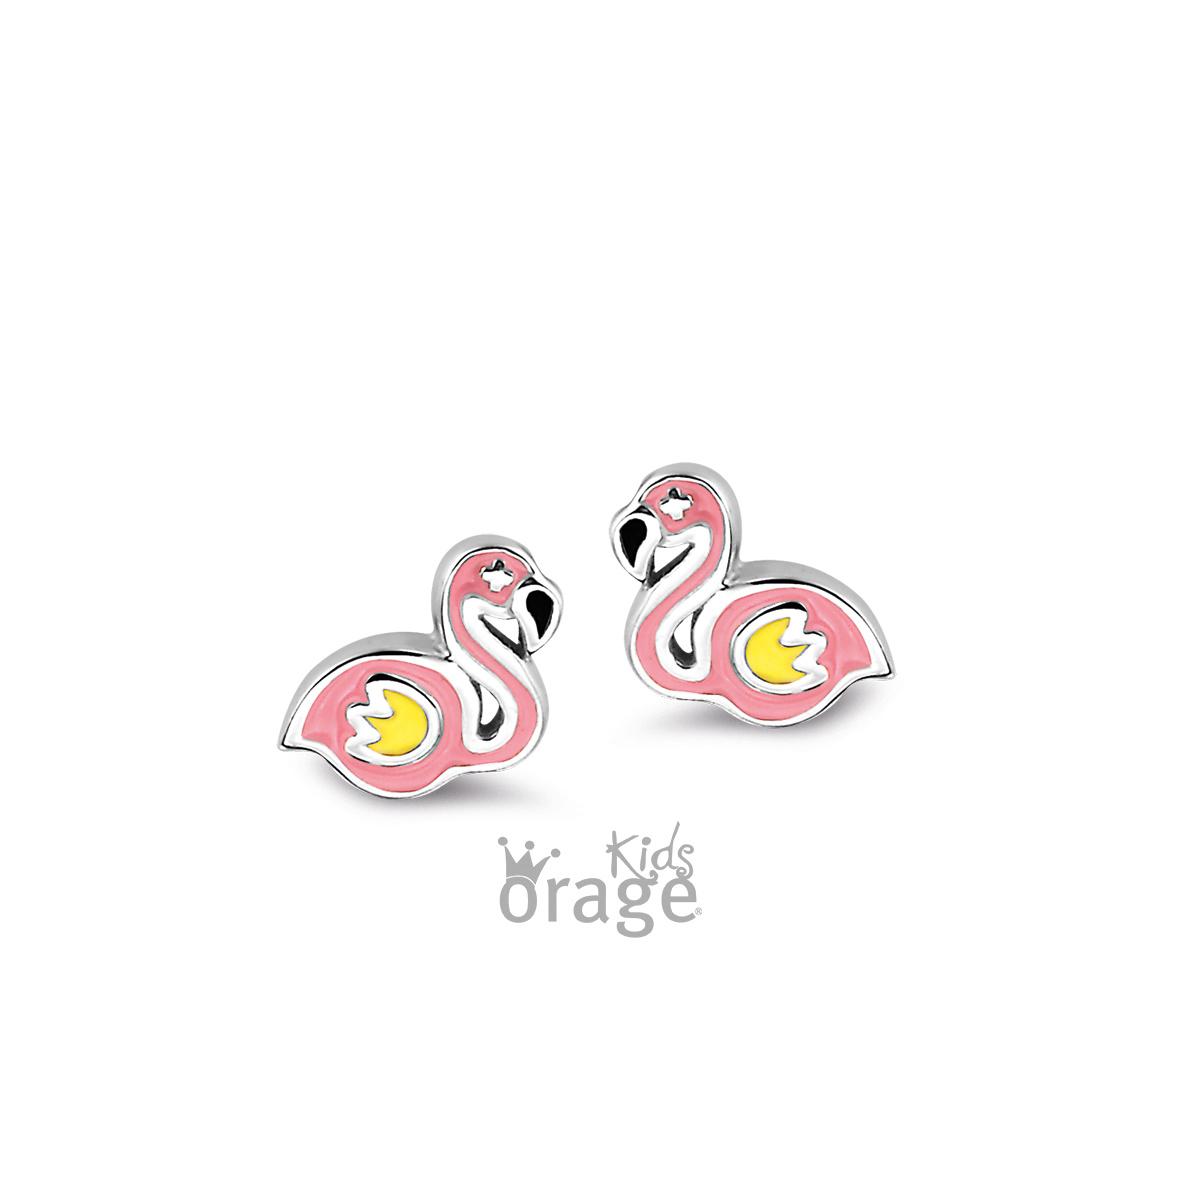 Orage kids Oorringen flamingo roze